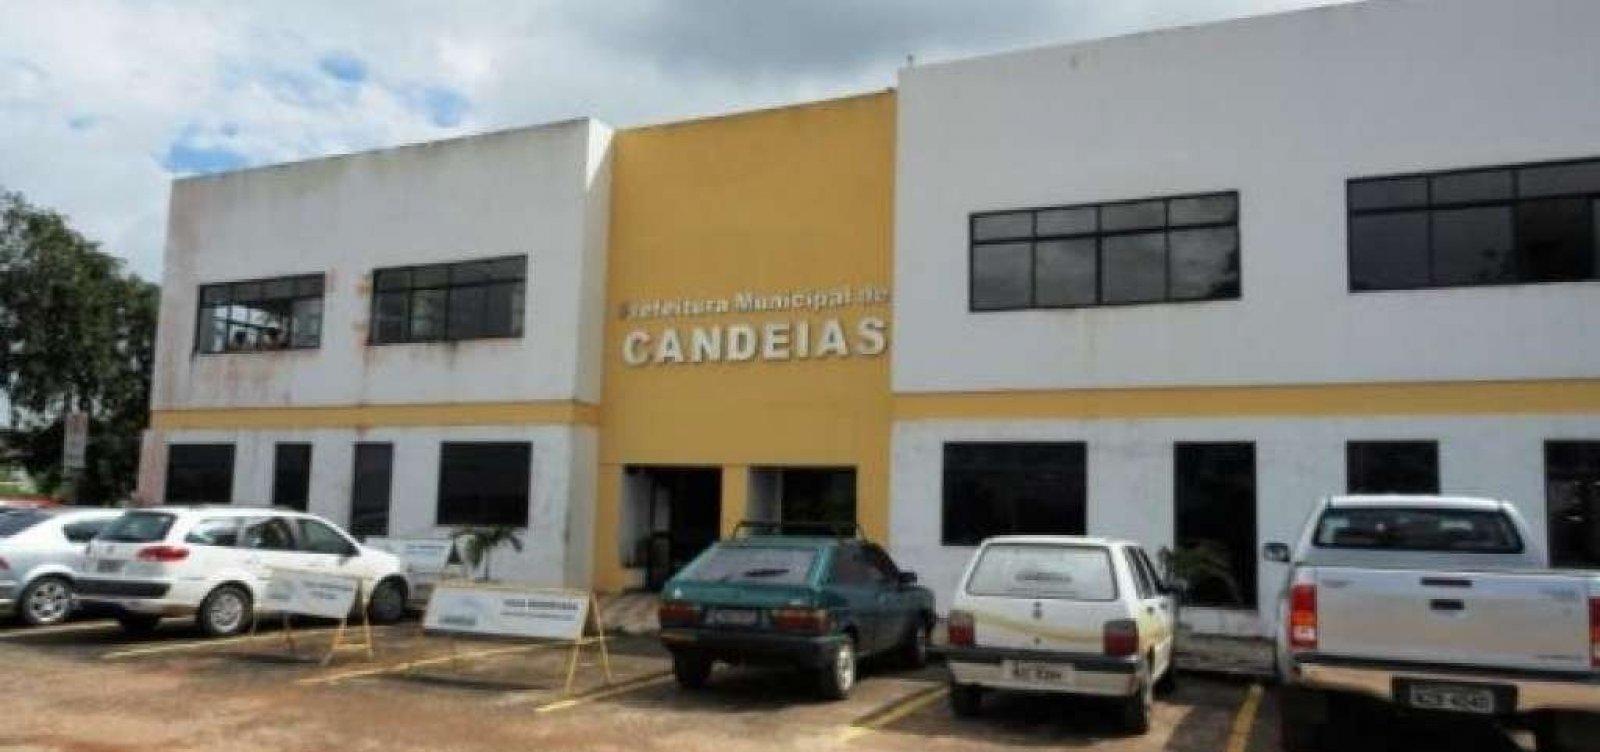 Candeias: Prefeitura abre processo seletivo para mais de 500 vagas